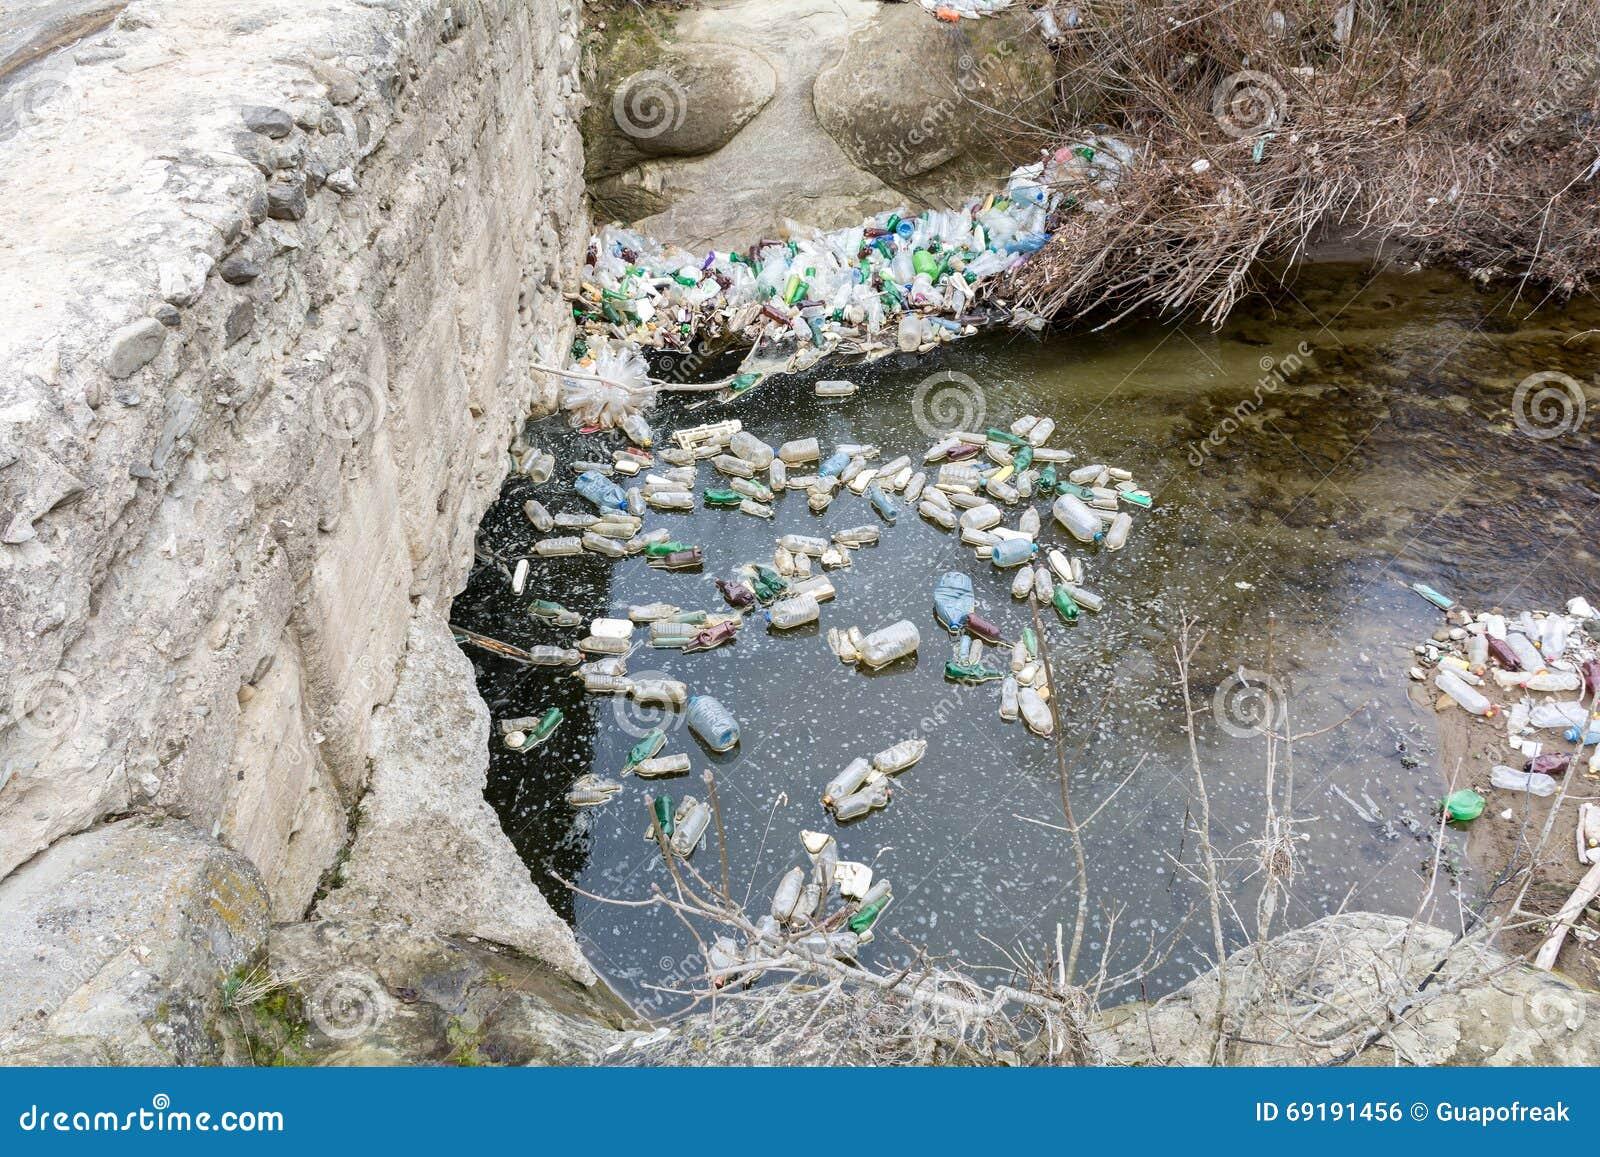 Rubbish la contaminación con el plástico y otras materias de empaquetado en el río